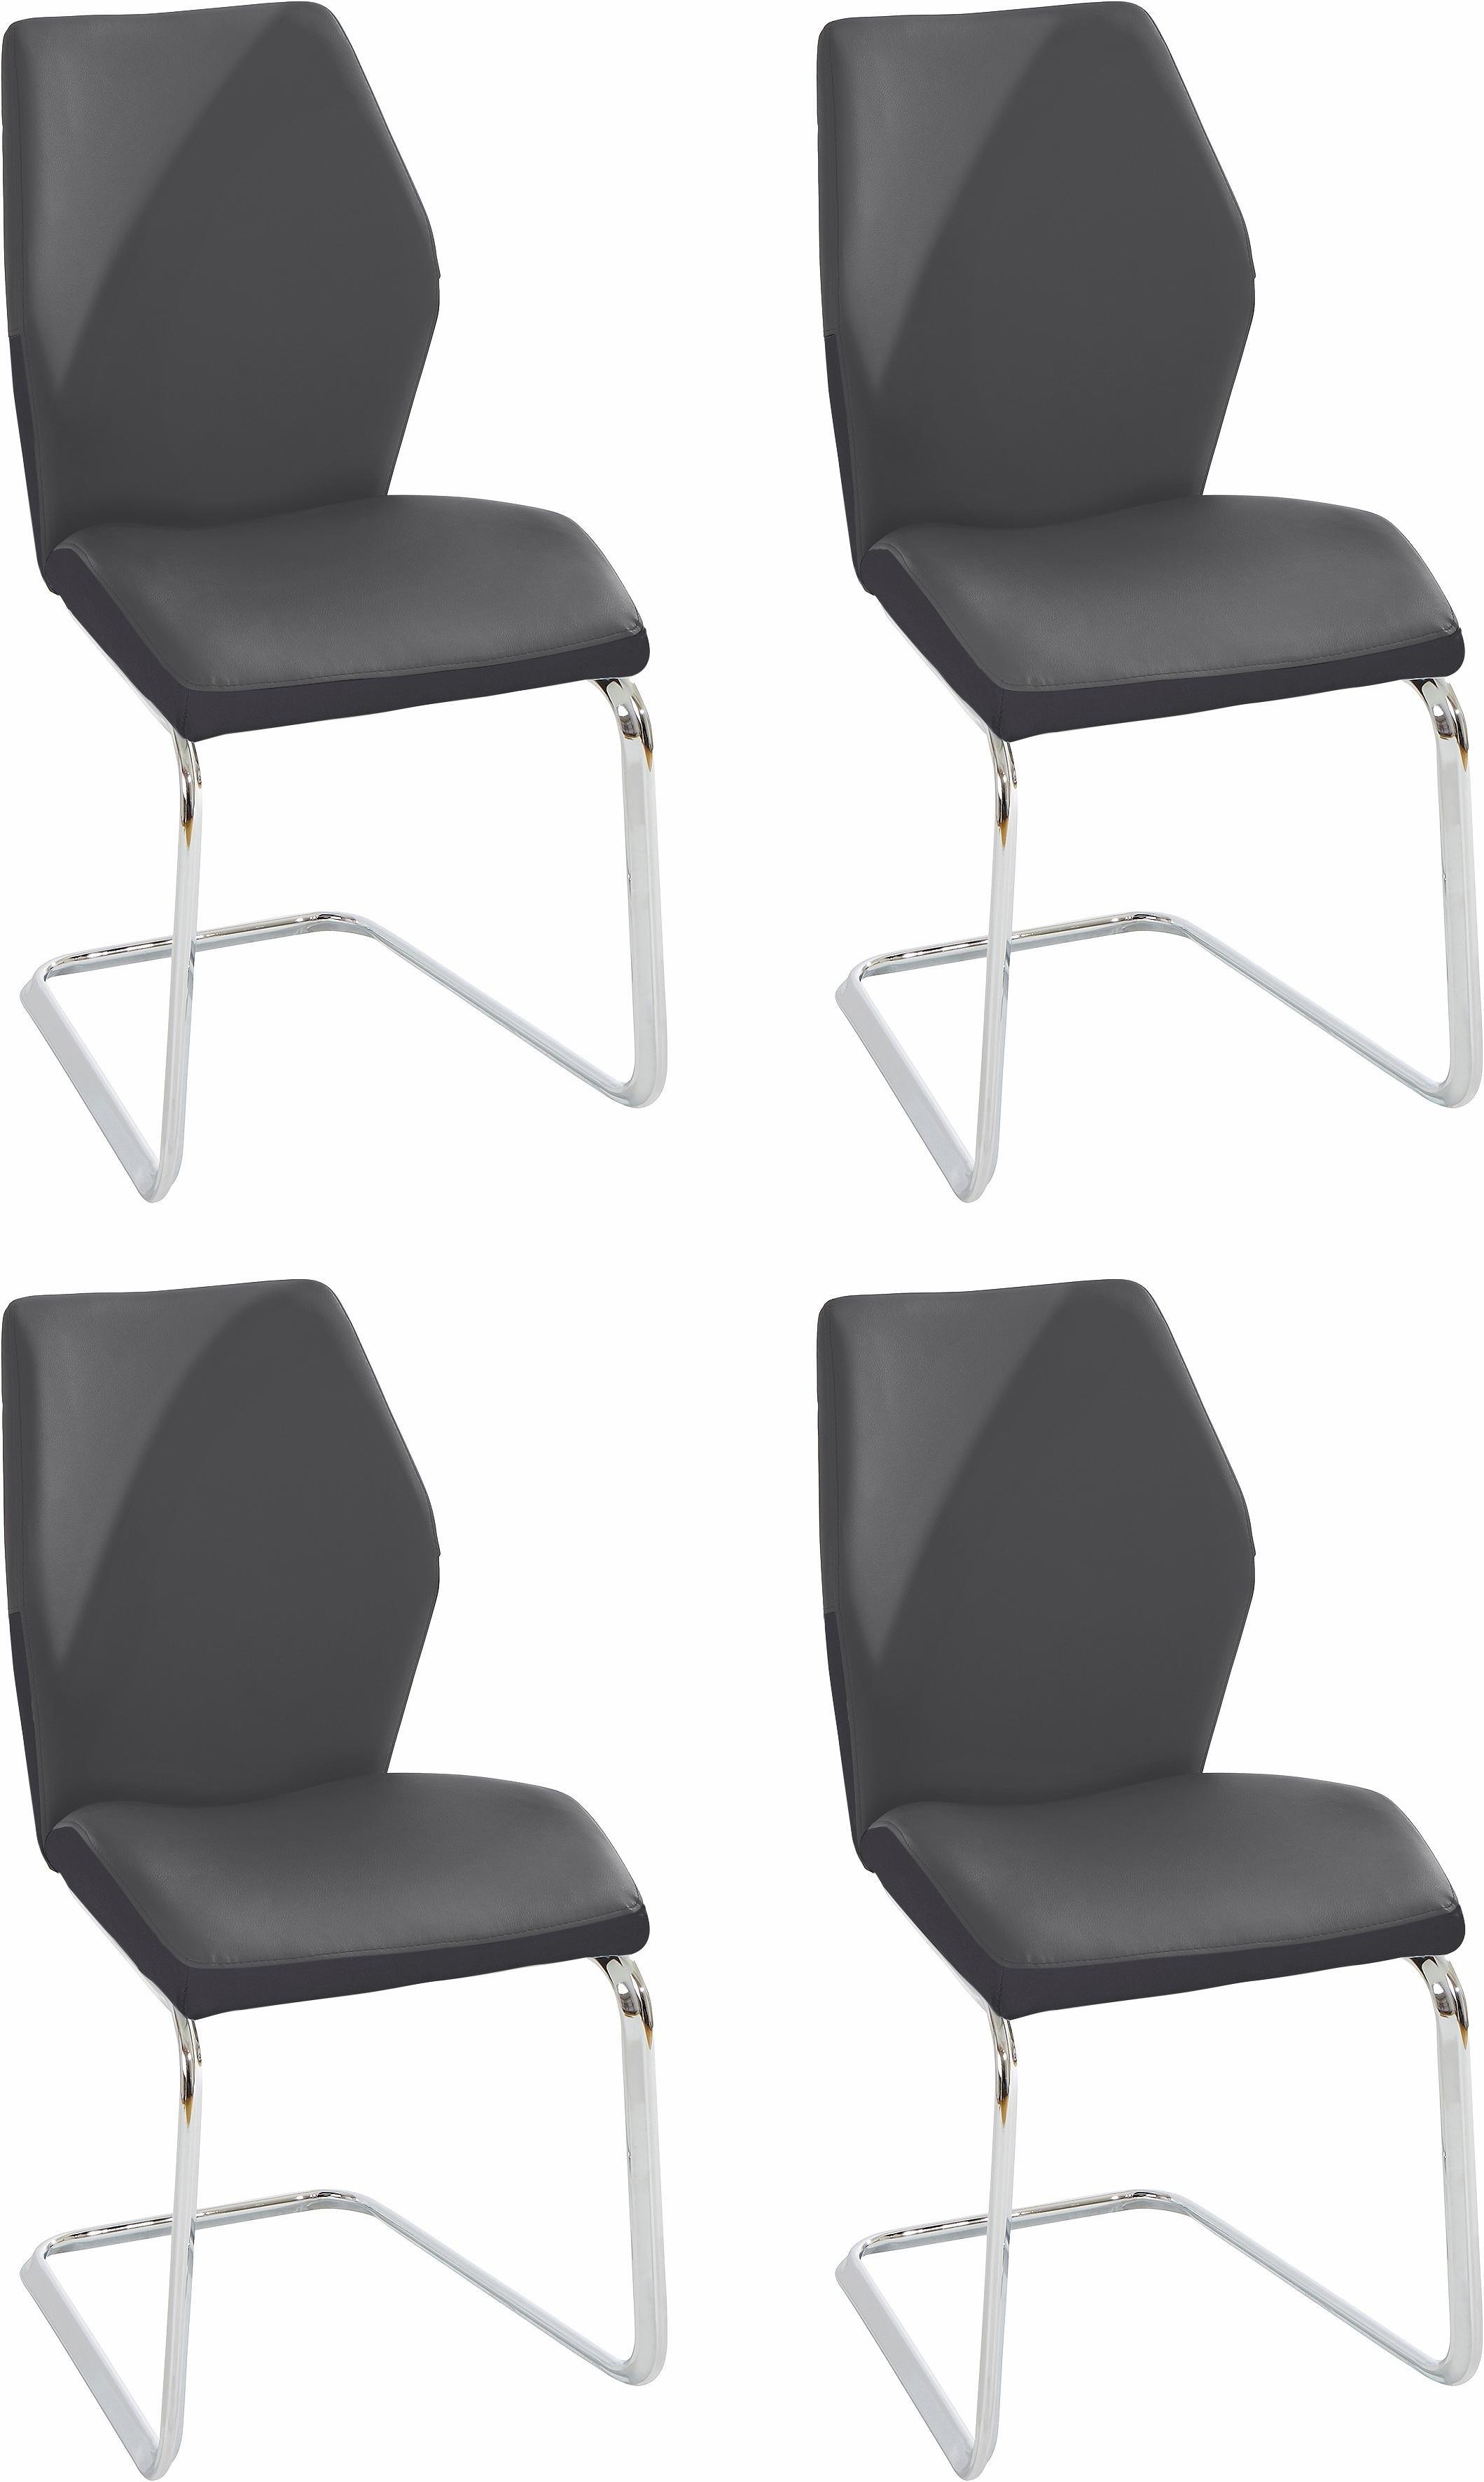 Homexperts Vrijdragende stoel »Snap04« (set van 2 of 4) - verschillende betaalmethodes